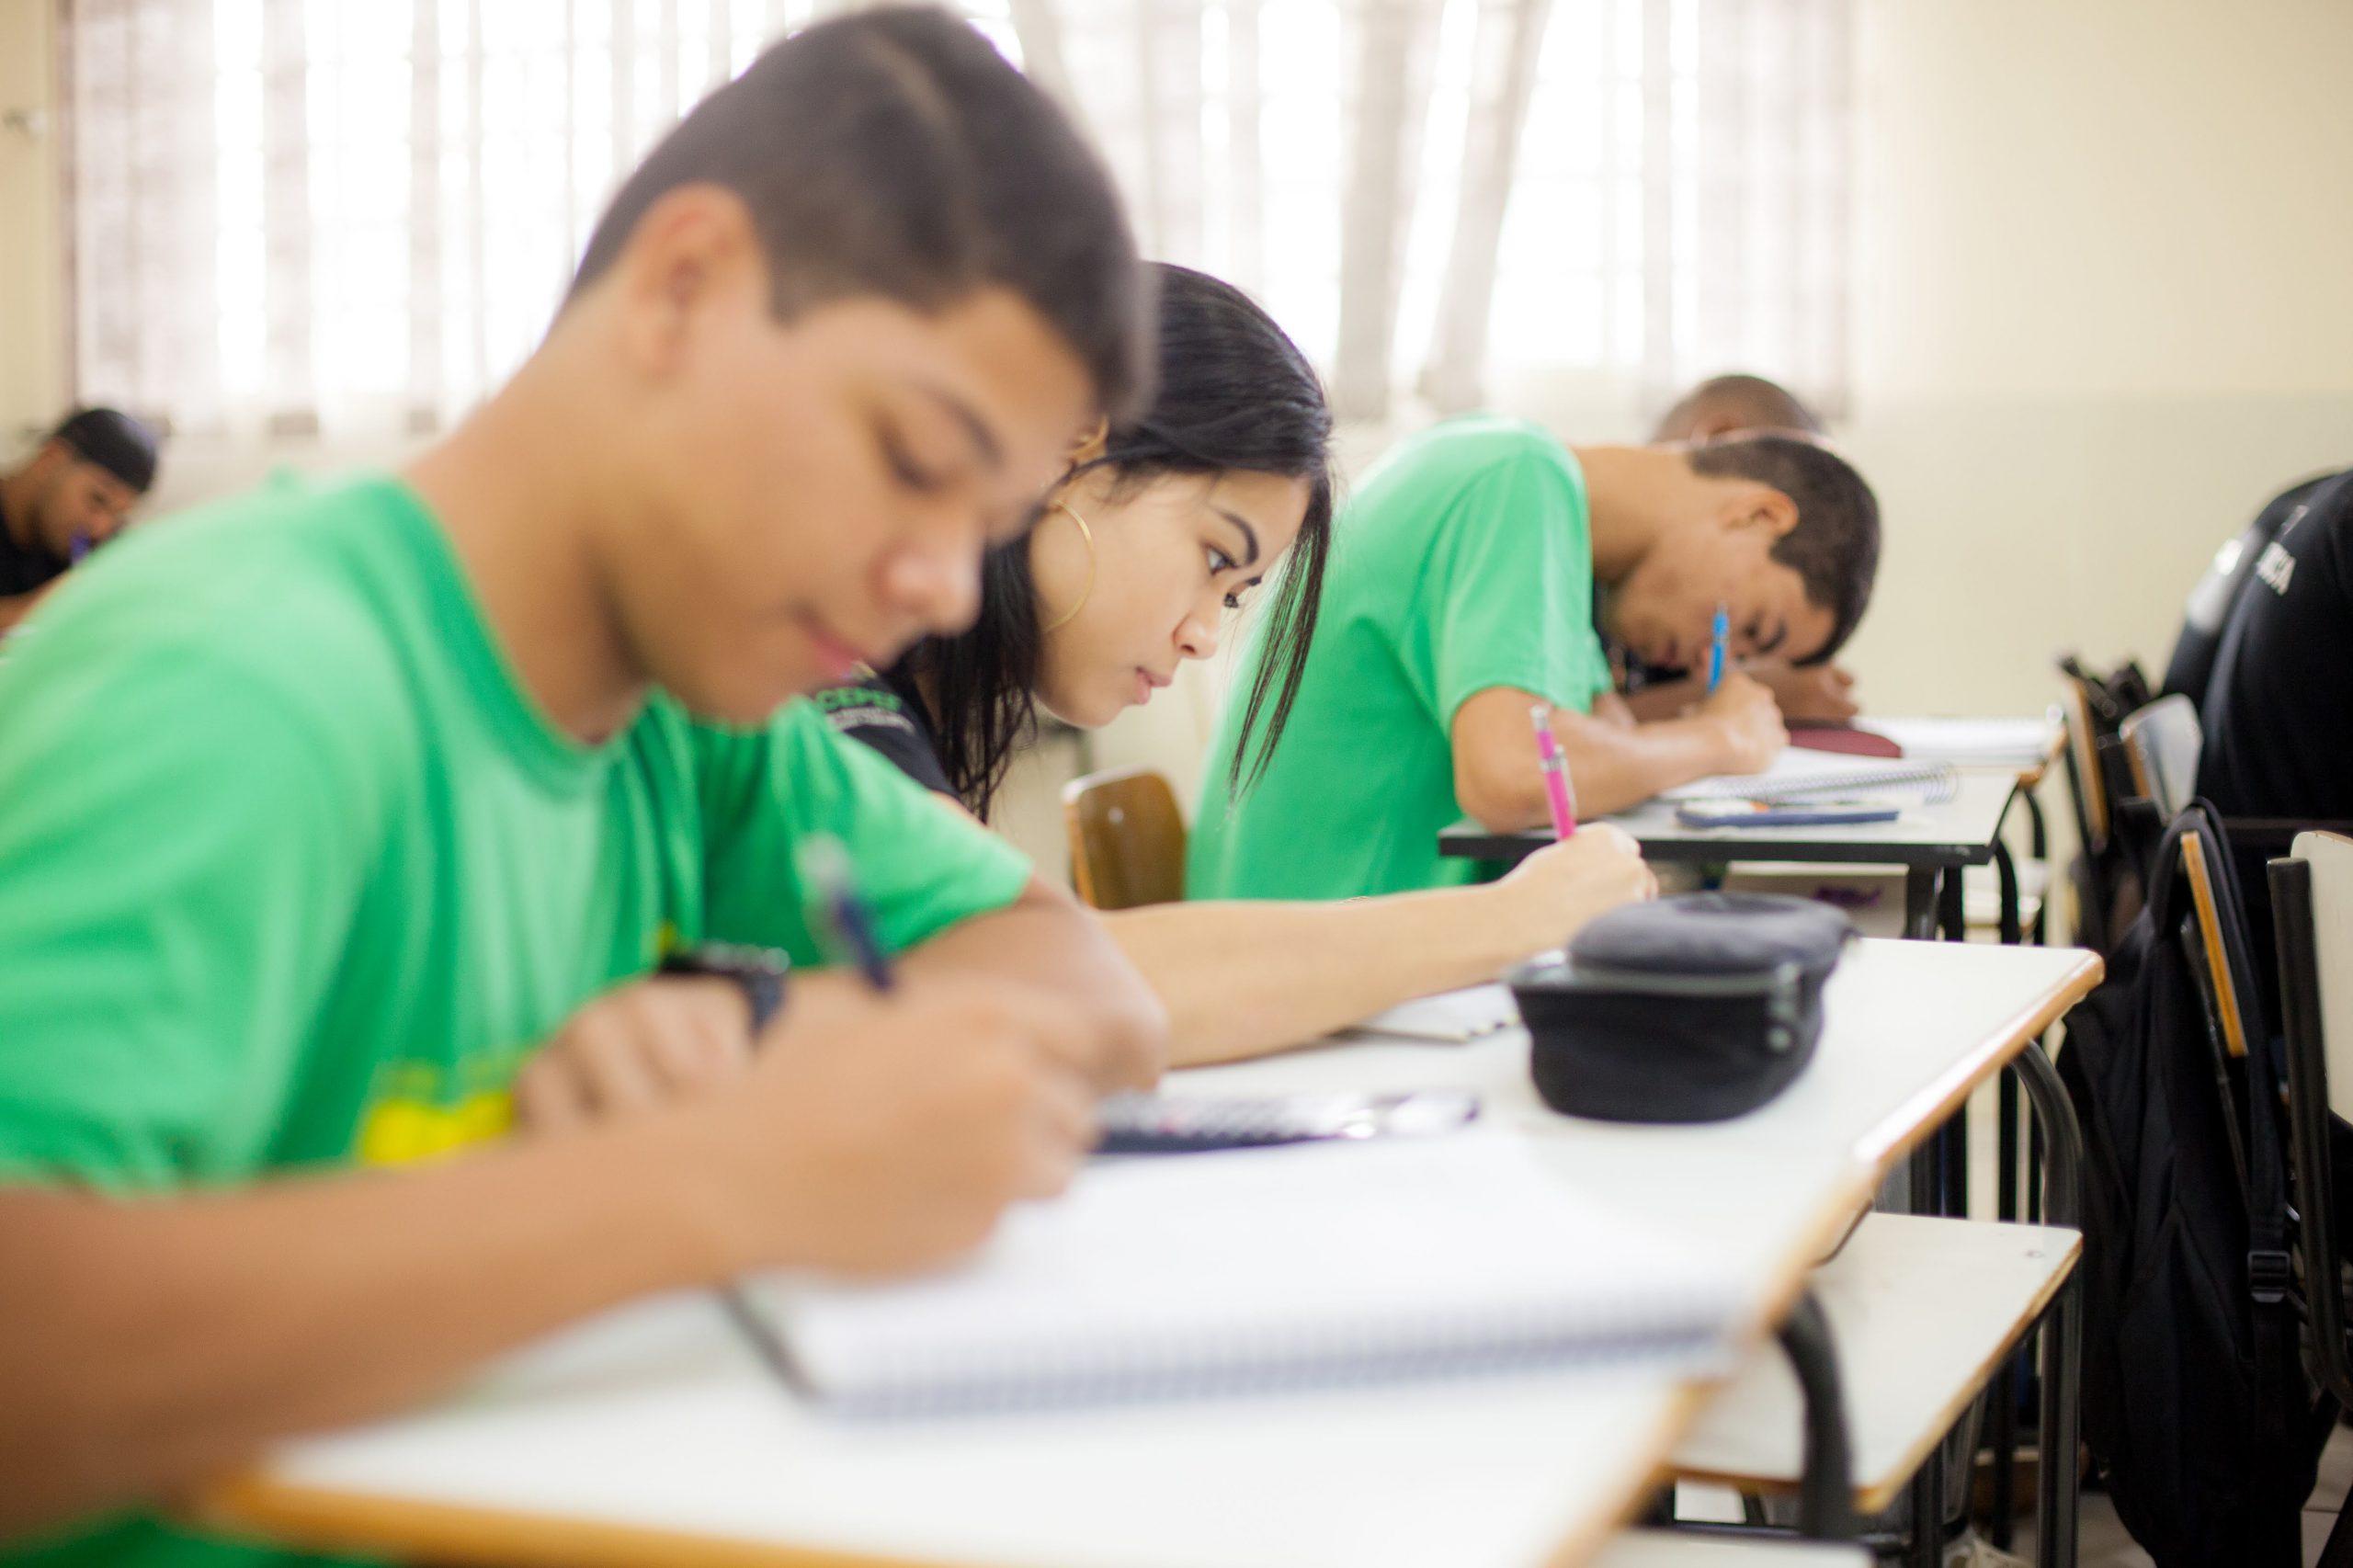 Rede Estadual de Ensino inicia ano letivo de 2020 nesta quarta-feira